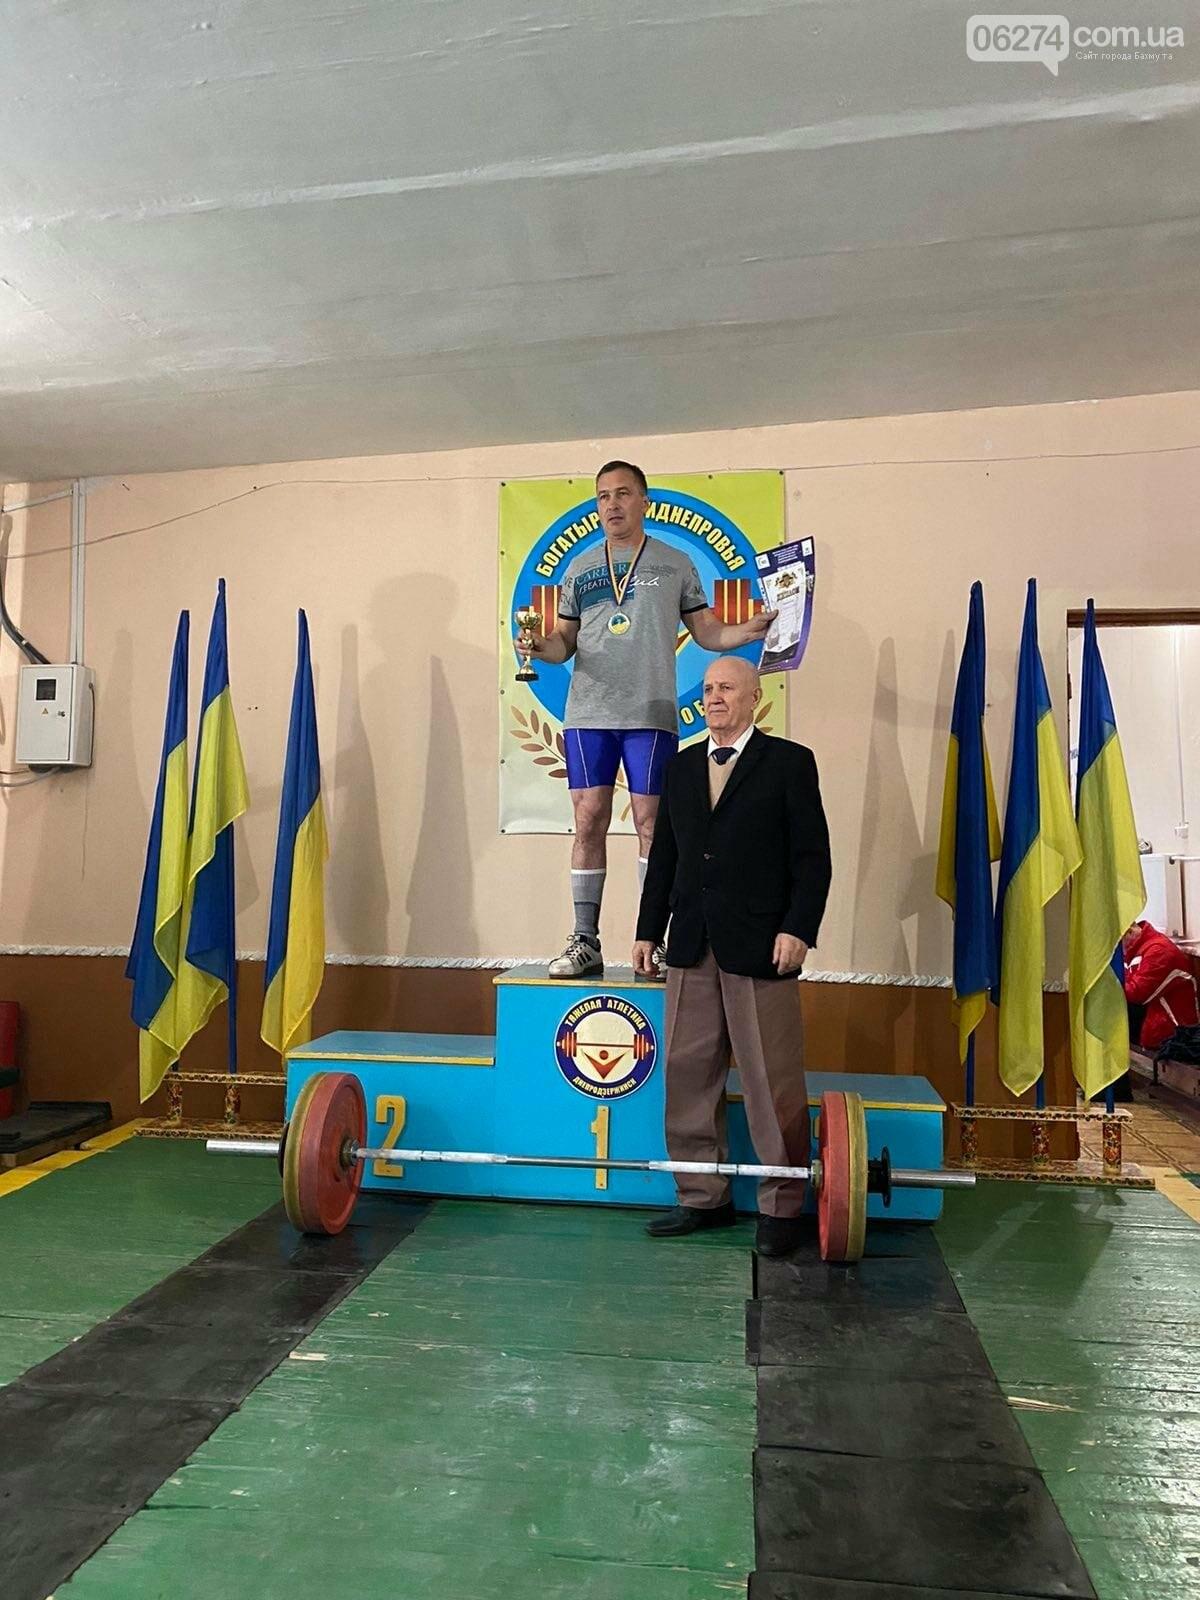 Тяжелоатлеты Бахмута стали призерами чемпионата Украины среди ветеранов, фото-3